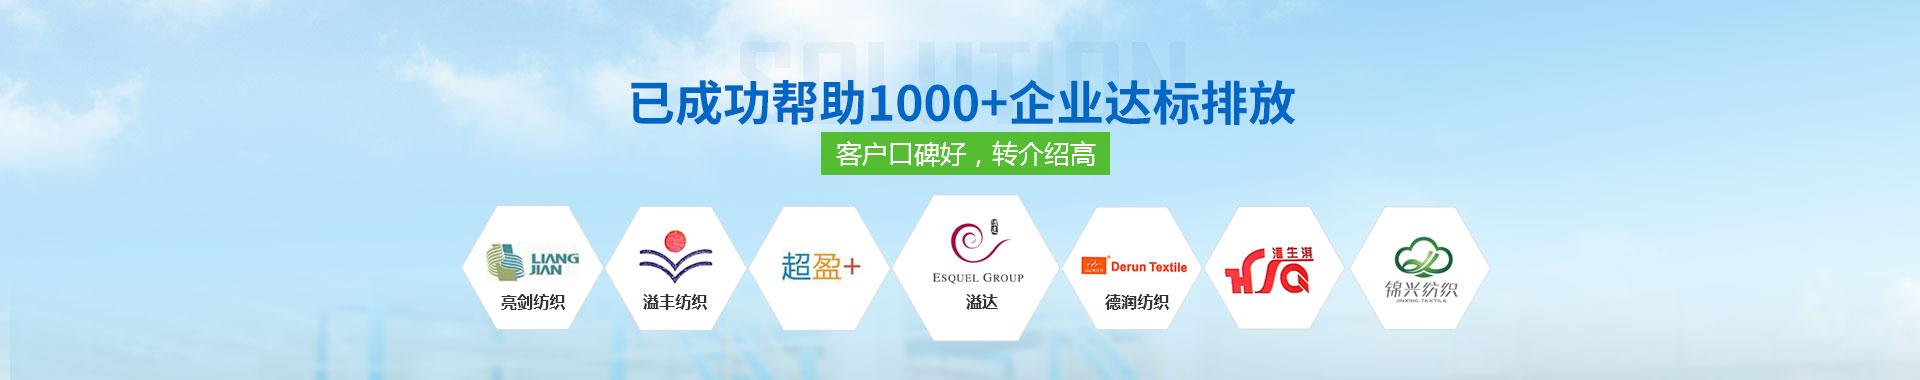 保蓝机械-已成功帮助1000+企业达标排放!